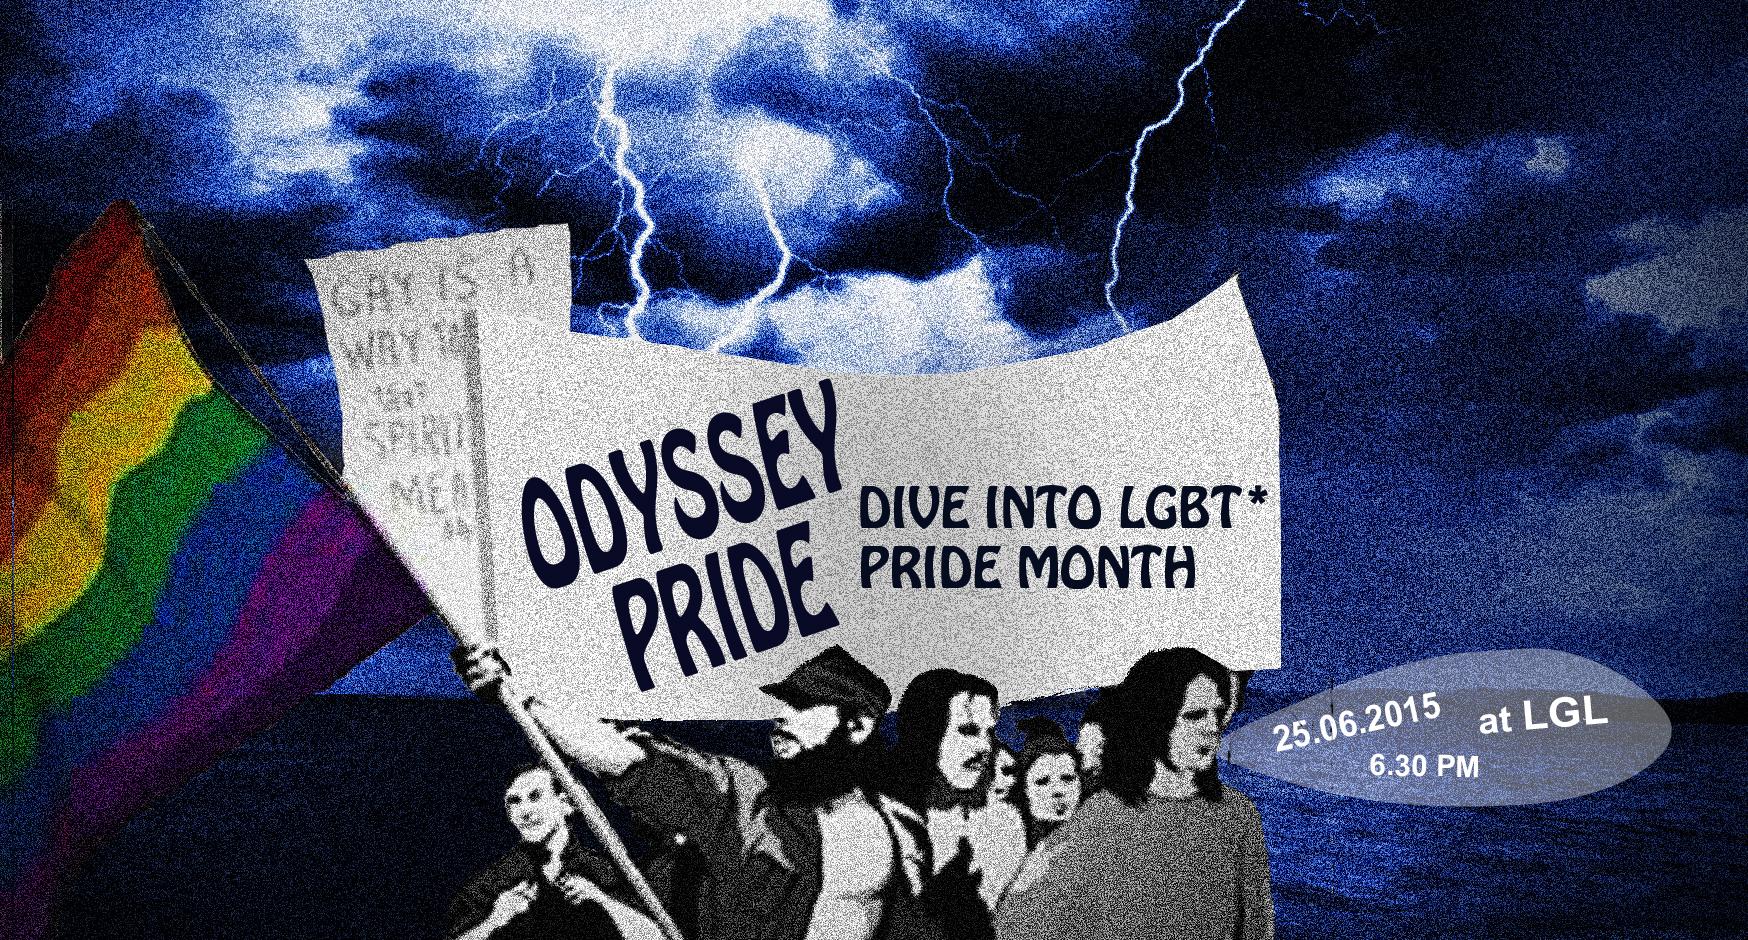 """""""Pride"""" odisėja – pasinerkite į LGBT * pasididžiavimo mėnesį!"""